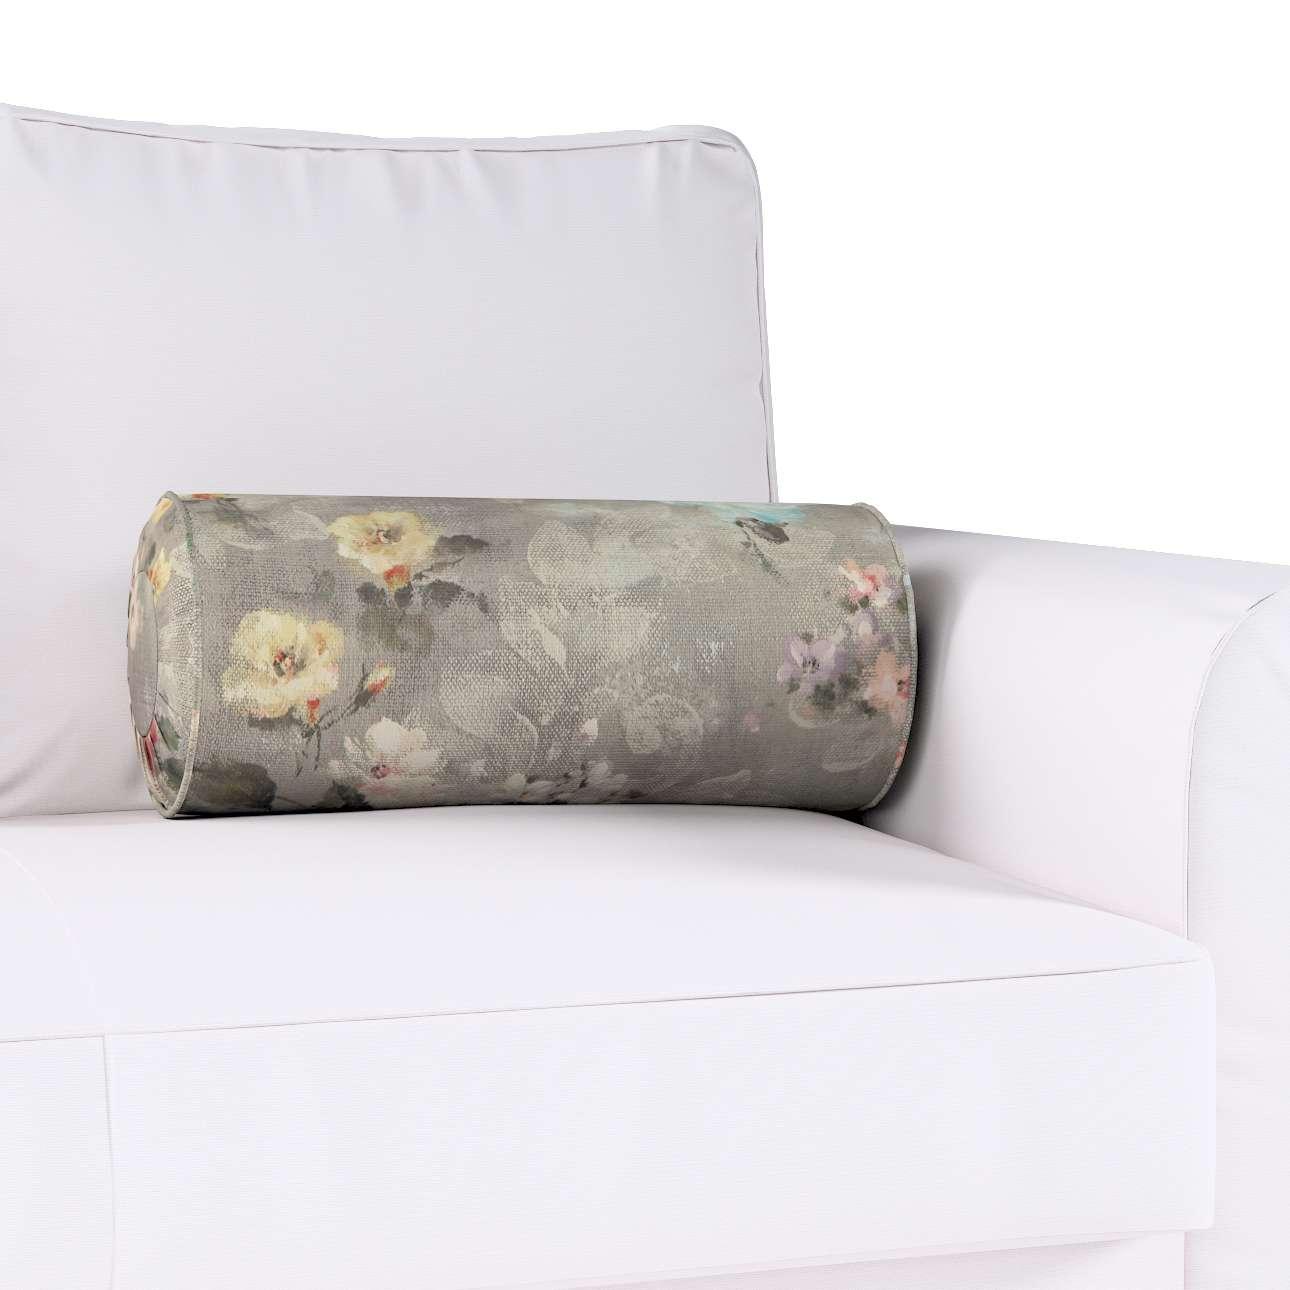 Poduszka wałek z zakładkami w kolekcji Monet, tkanina: 137-81